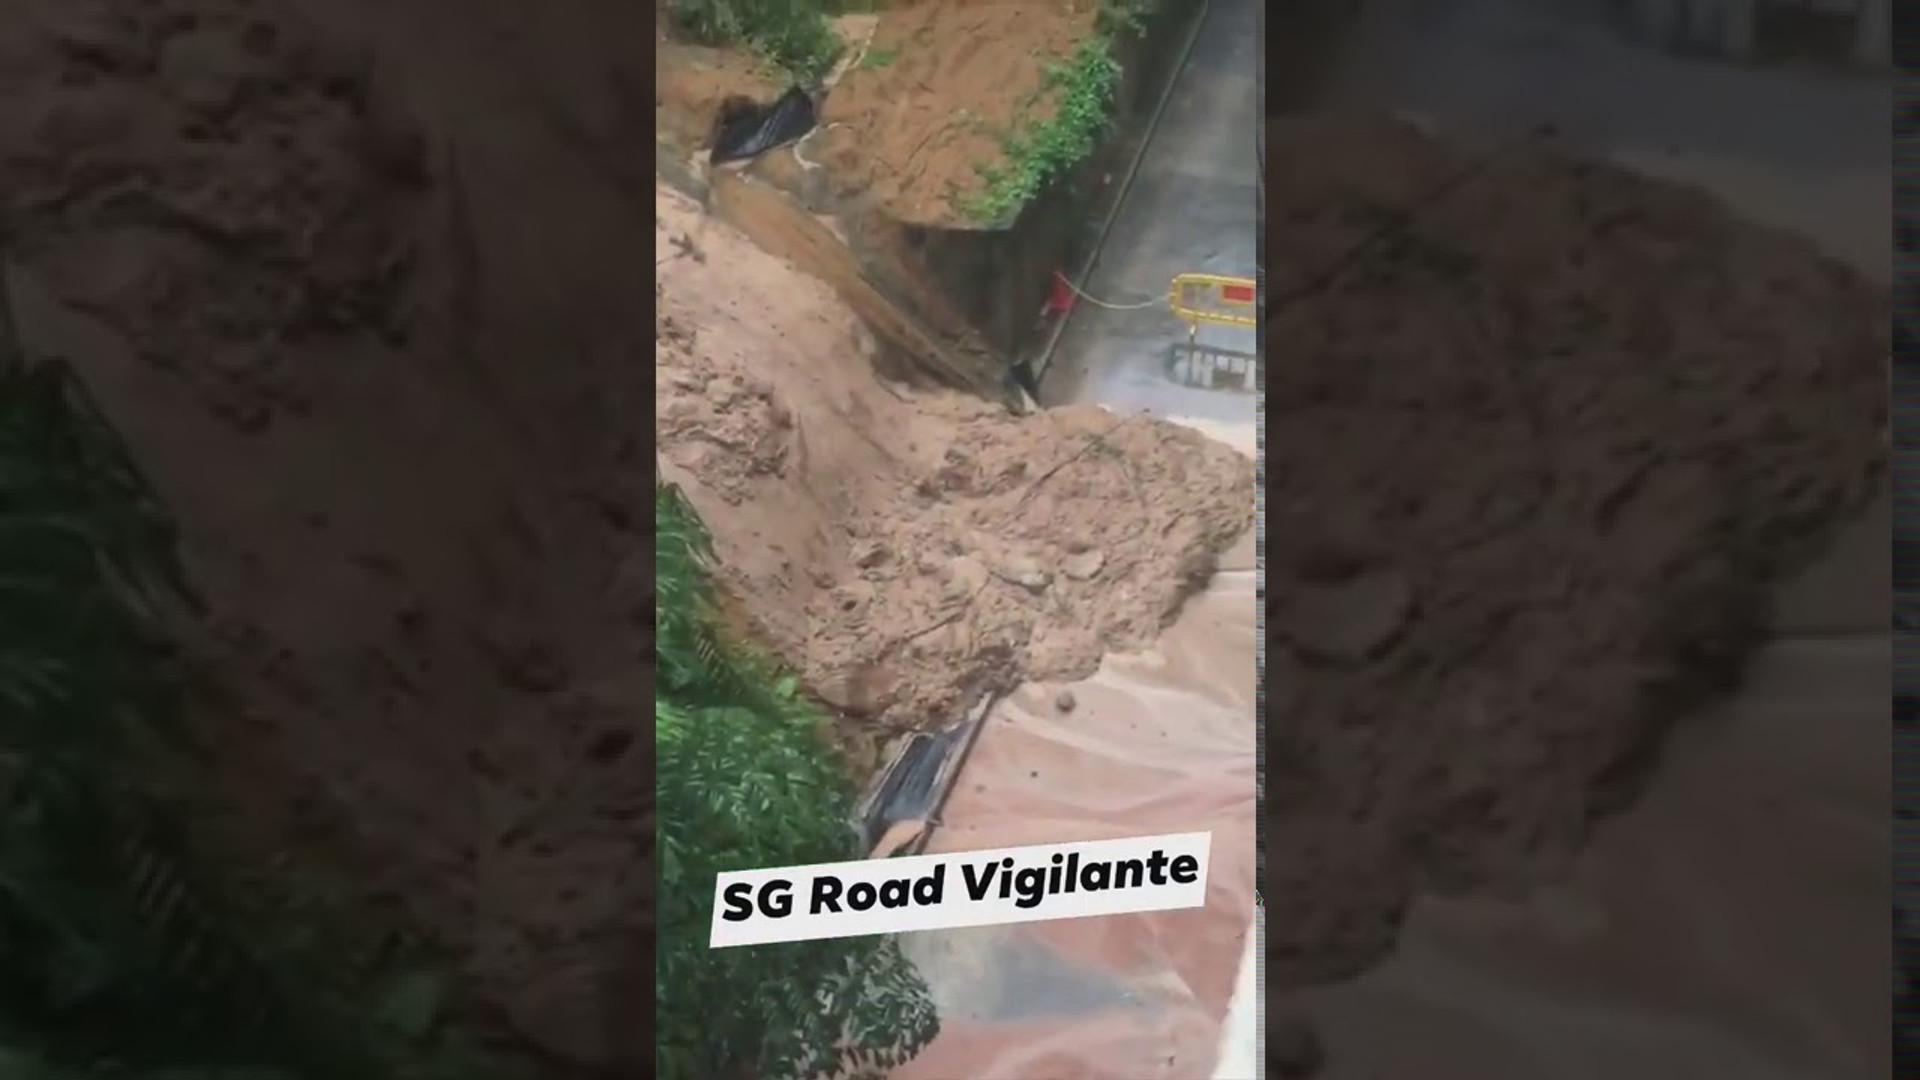 Erdrutsch vom York Hill zur hinteren Nebenstraße des Furama Hotels aufgrund von ununterbrochenem Regens